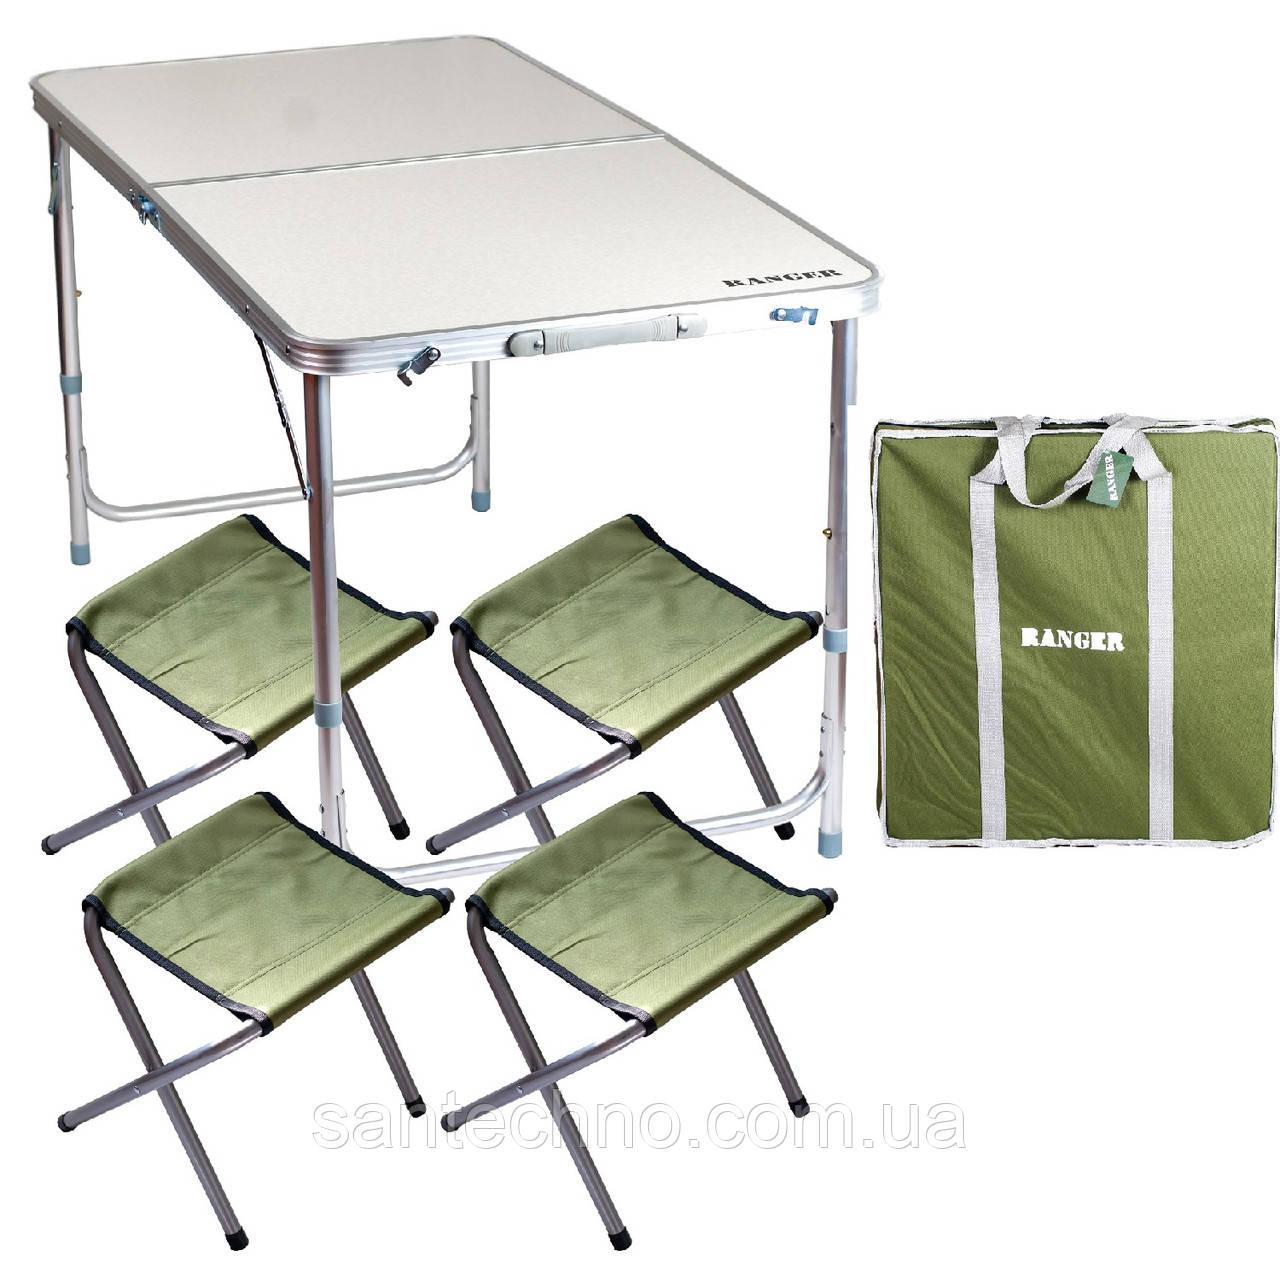 Комплект меблів складаний для пікніка Ranger ST 401